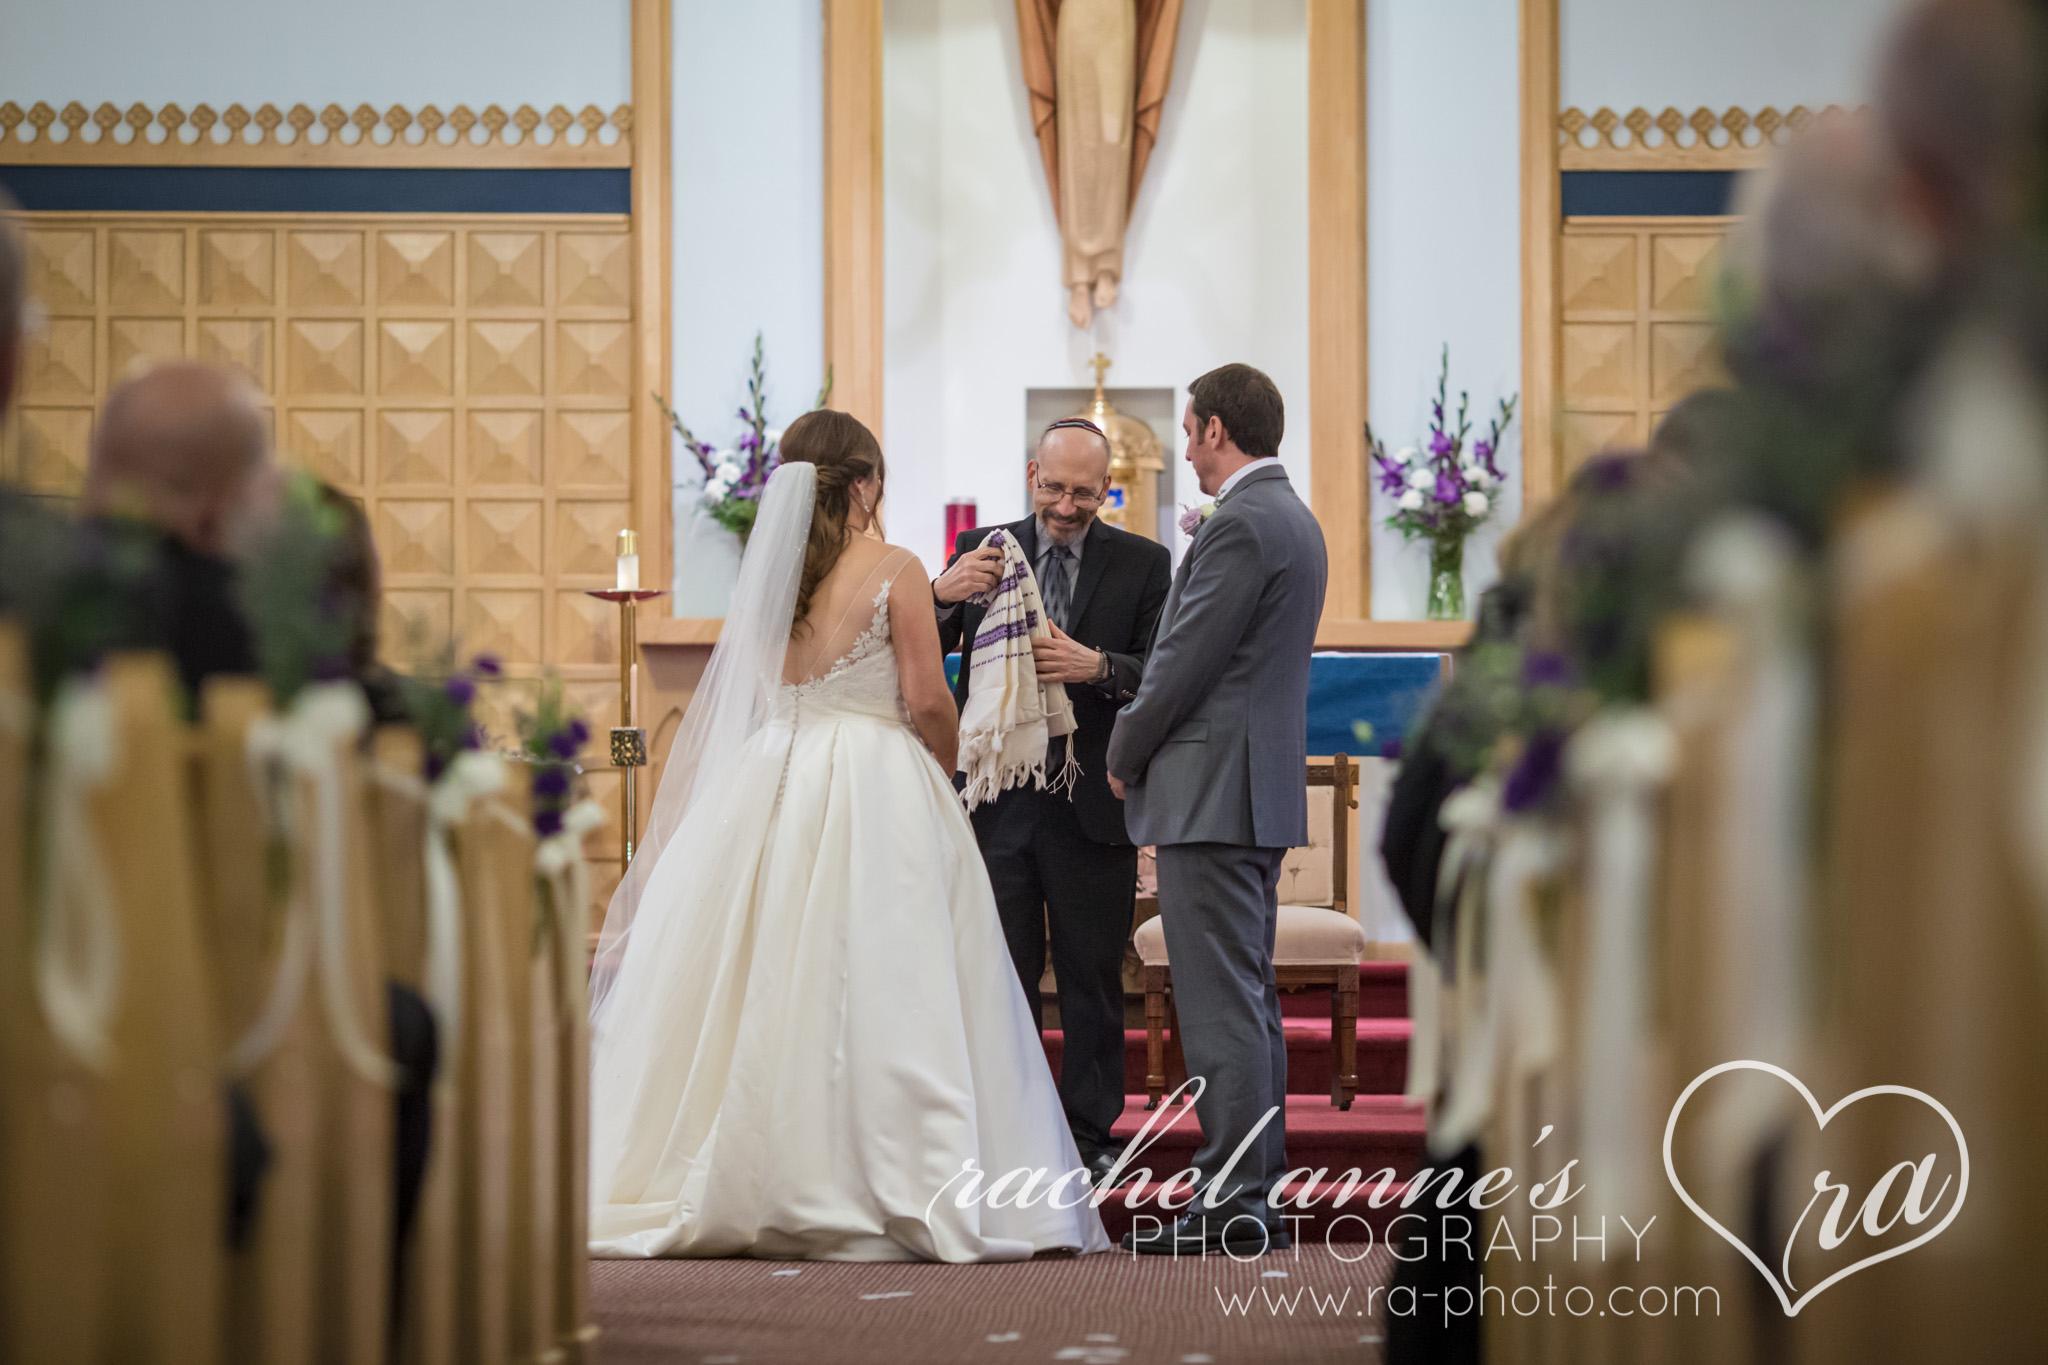 051-CAP-CURWENSVILLE-PA-TREASURE-LAKEVIEW-LODGE-WEDDINGS.jpg